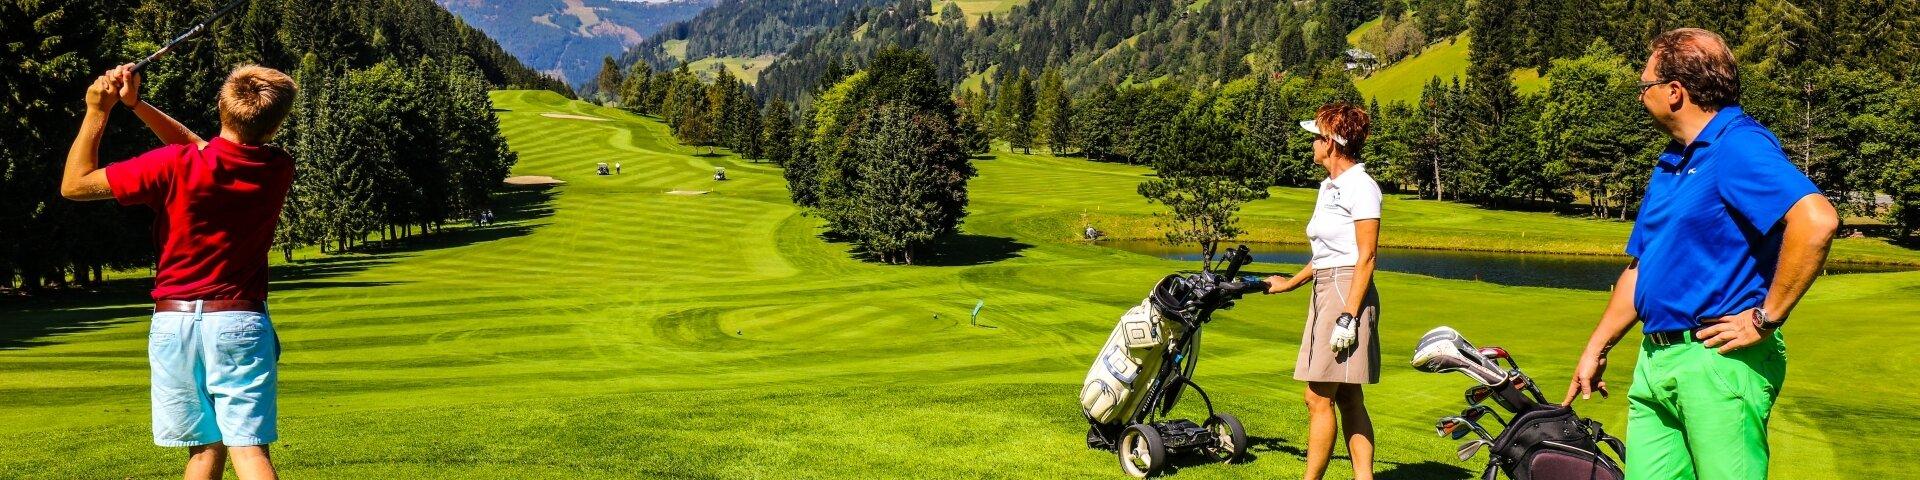 Golf-Genuss in den Nockbergen 1 Greenfee